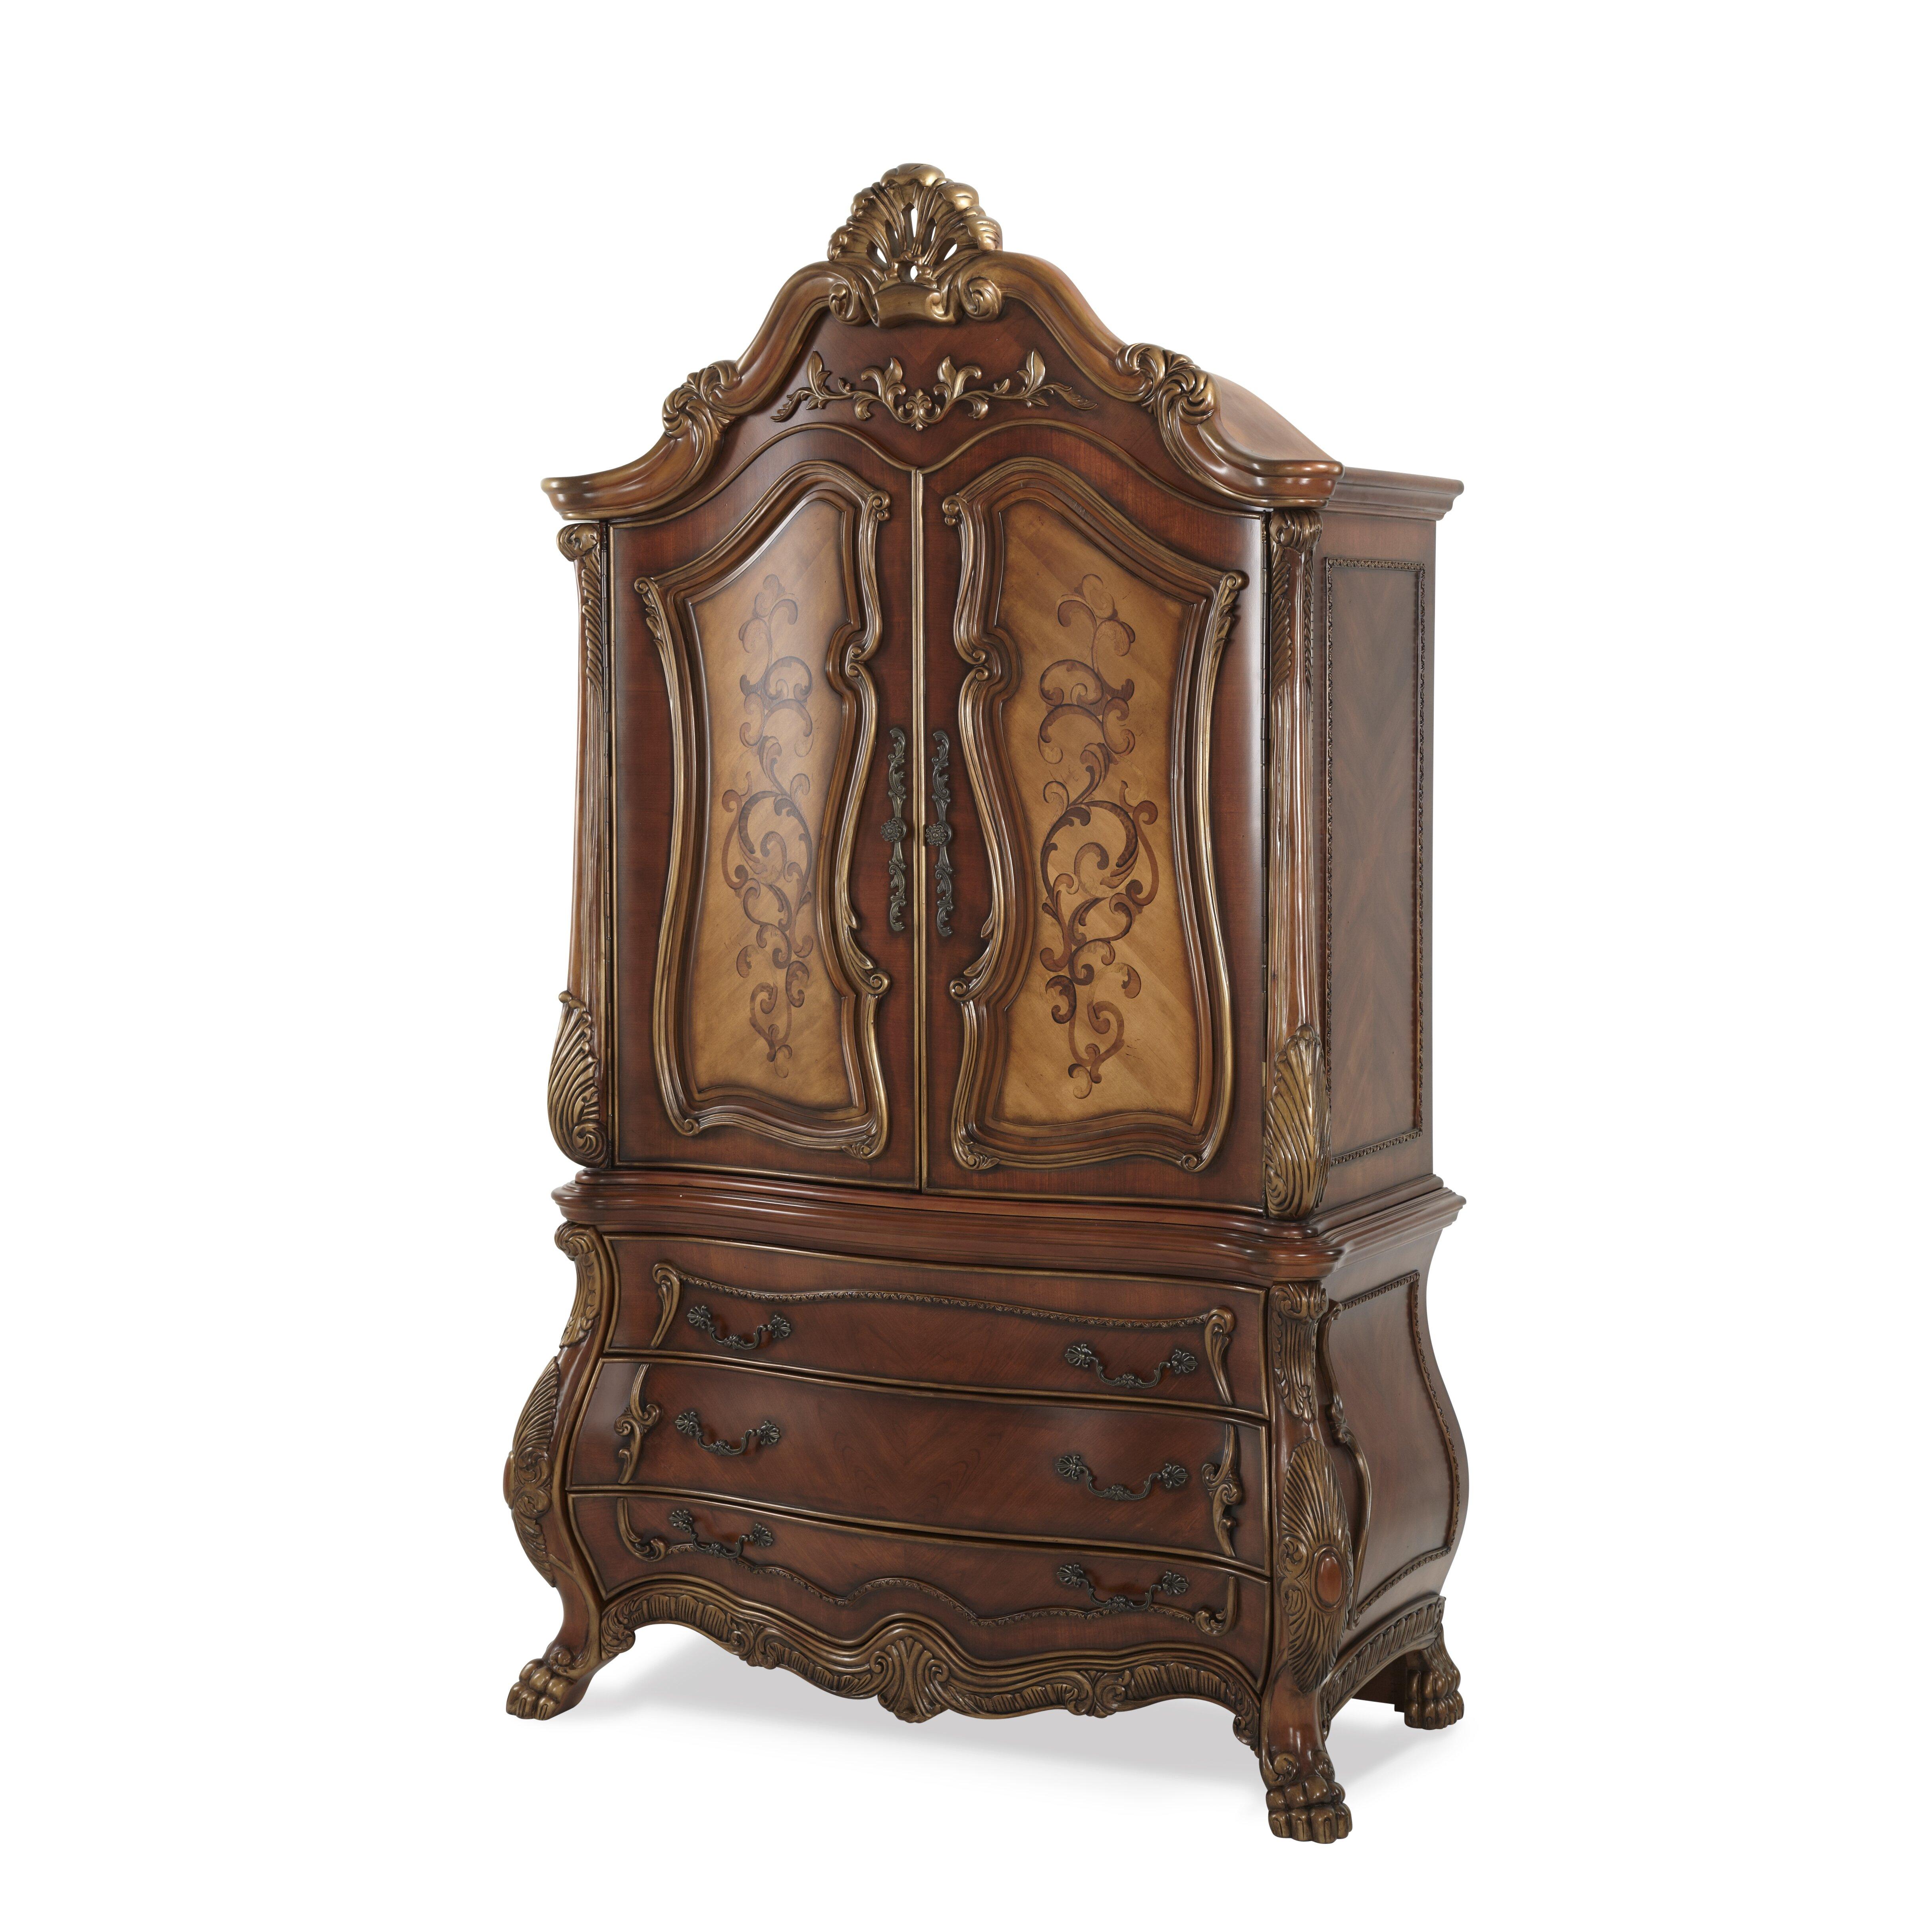 Michael amini chateau beauvais armoire reviews wayfair - Chateau beauvais living room furniture ...